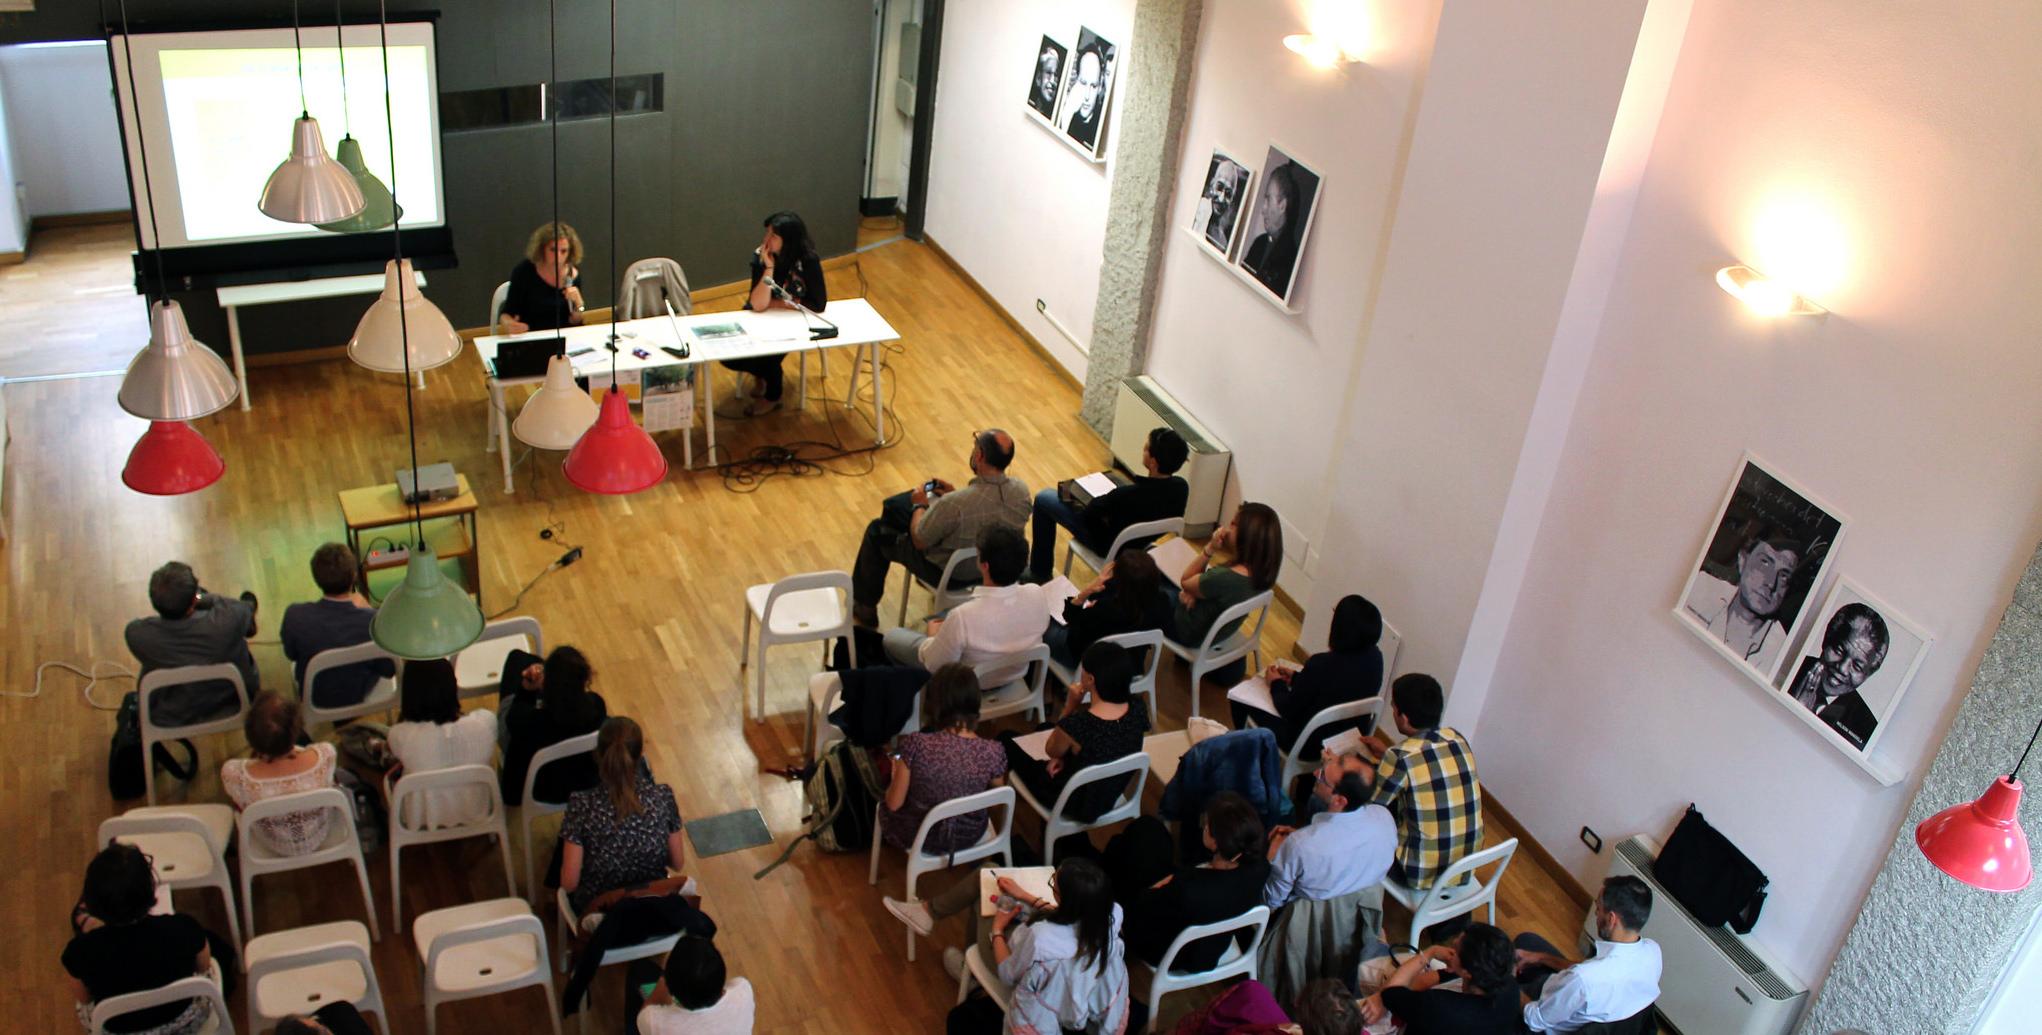 Corso service design business corso innovazione impresa for Service design milano